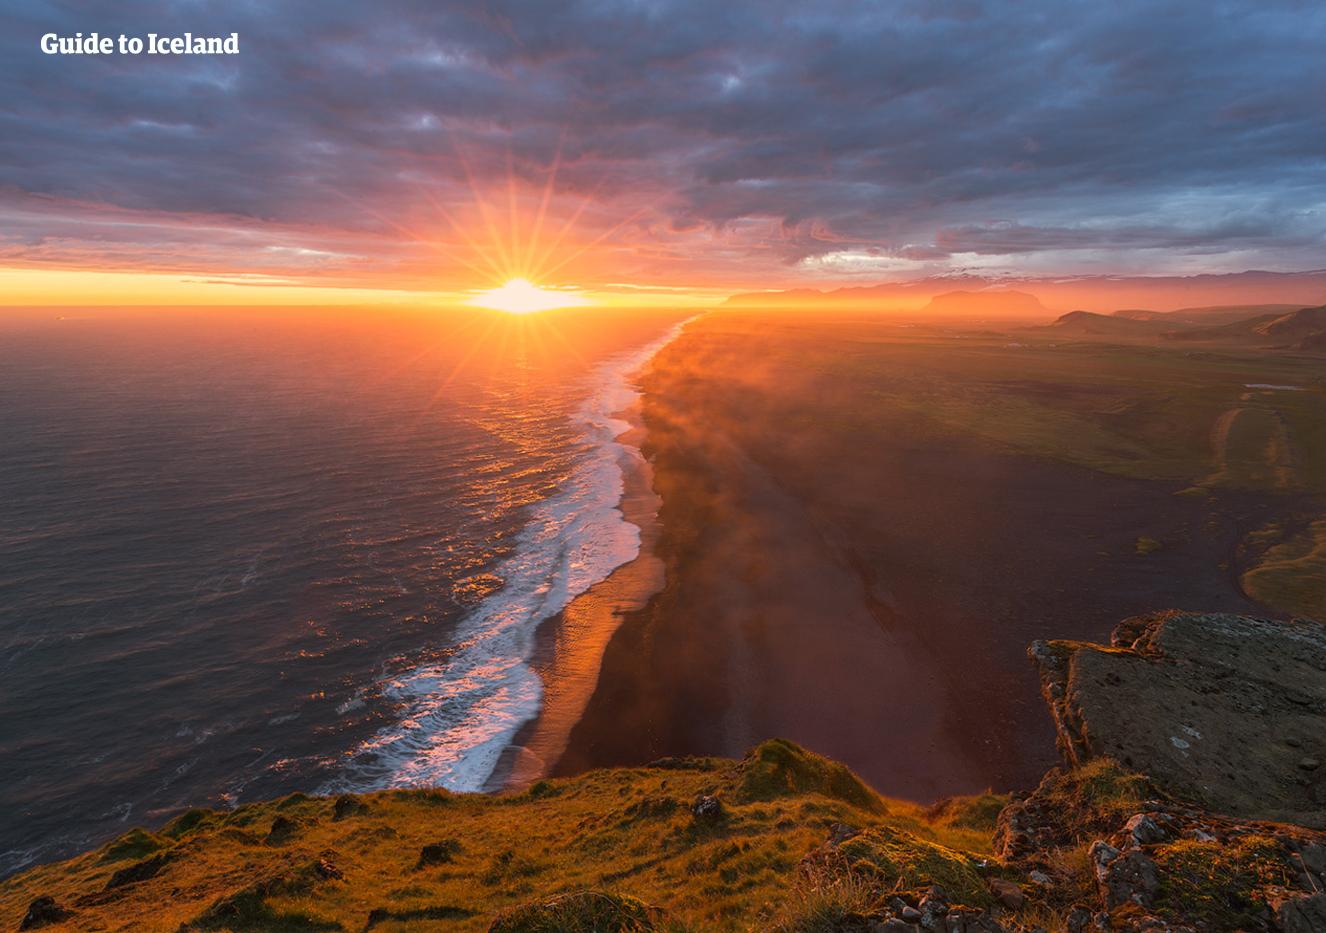 La costa sur de Islandia está bordeada de playas de arena negra.